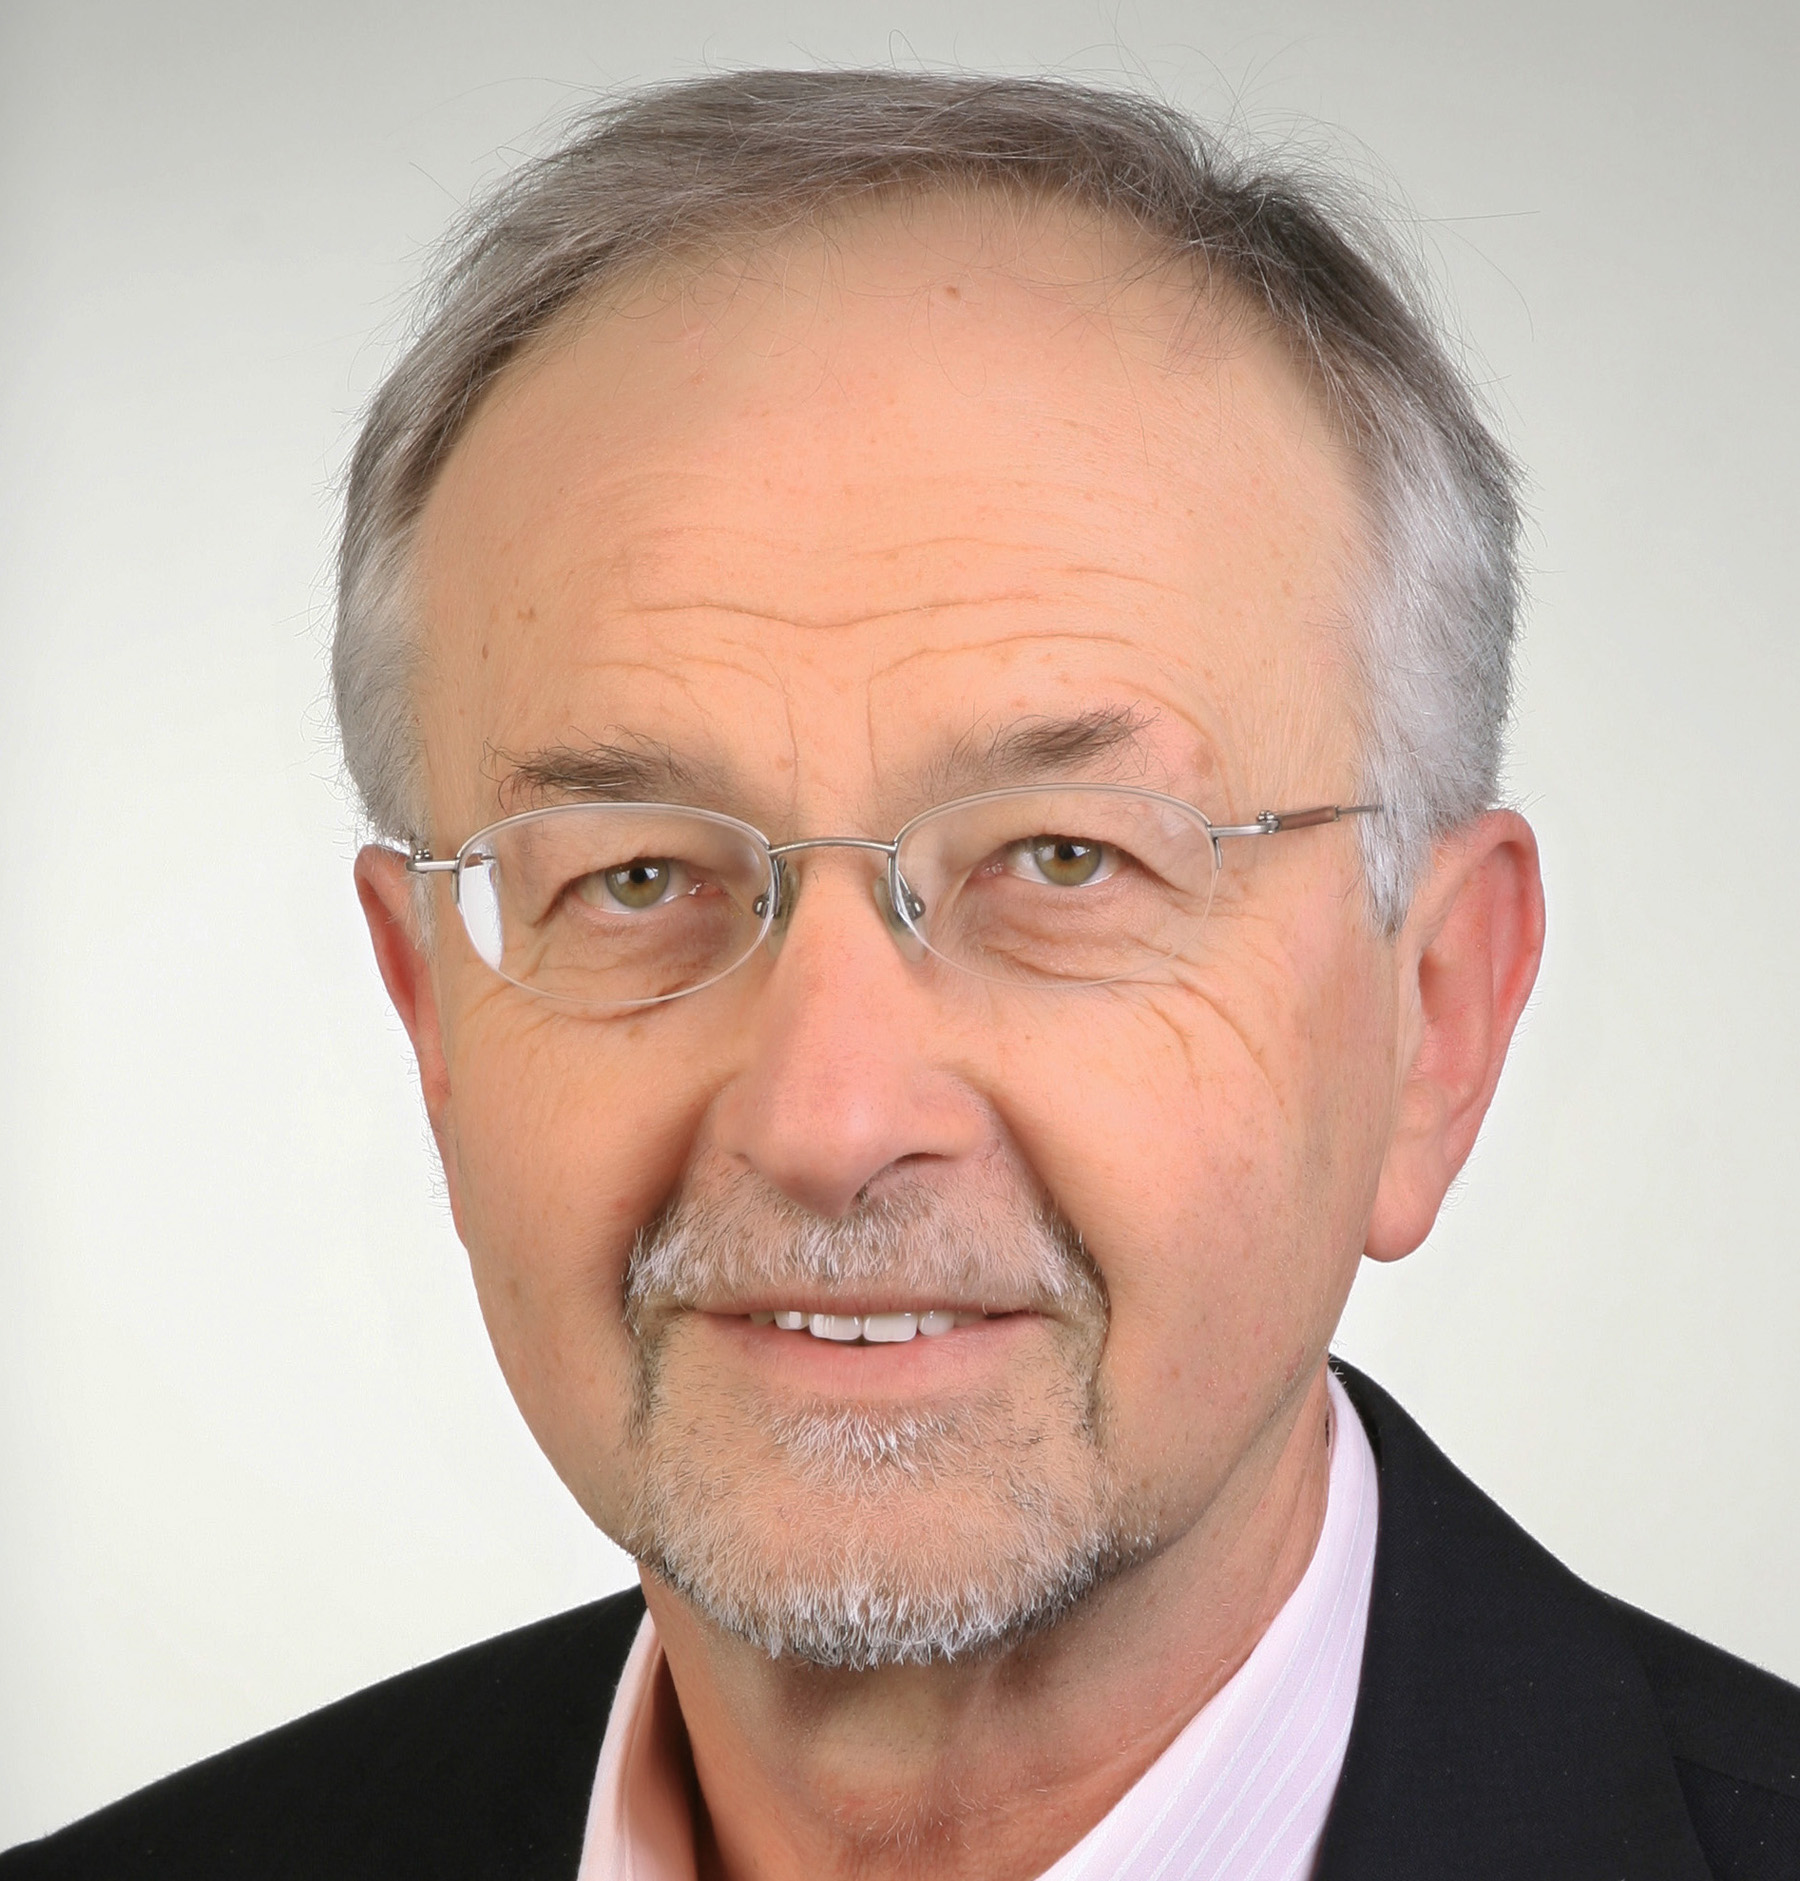 oachim Weise ist Mitglied im Gemeinde Heinersreuth für den Ortsverband Heinersreuth Bündnis90/Die Grünenen